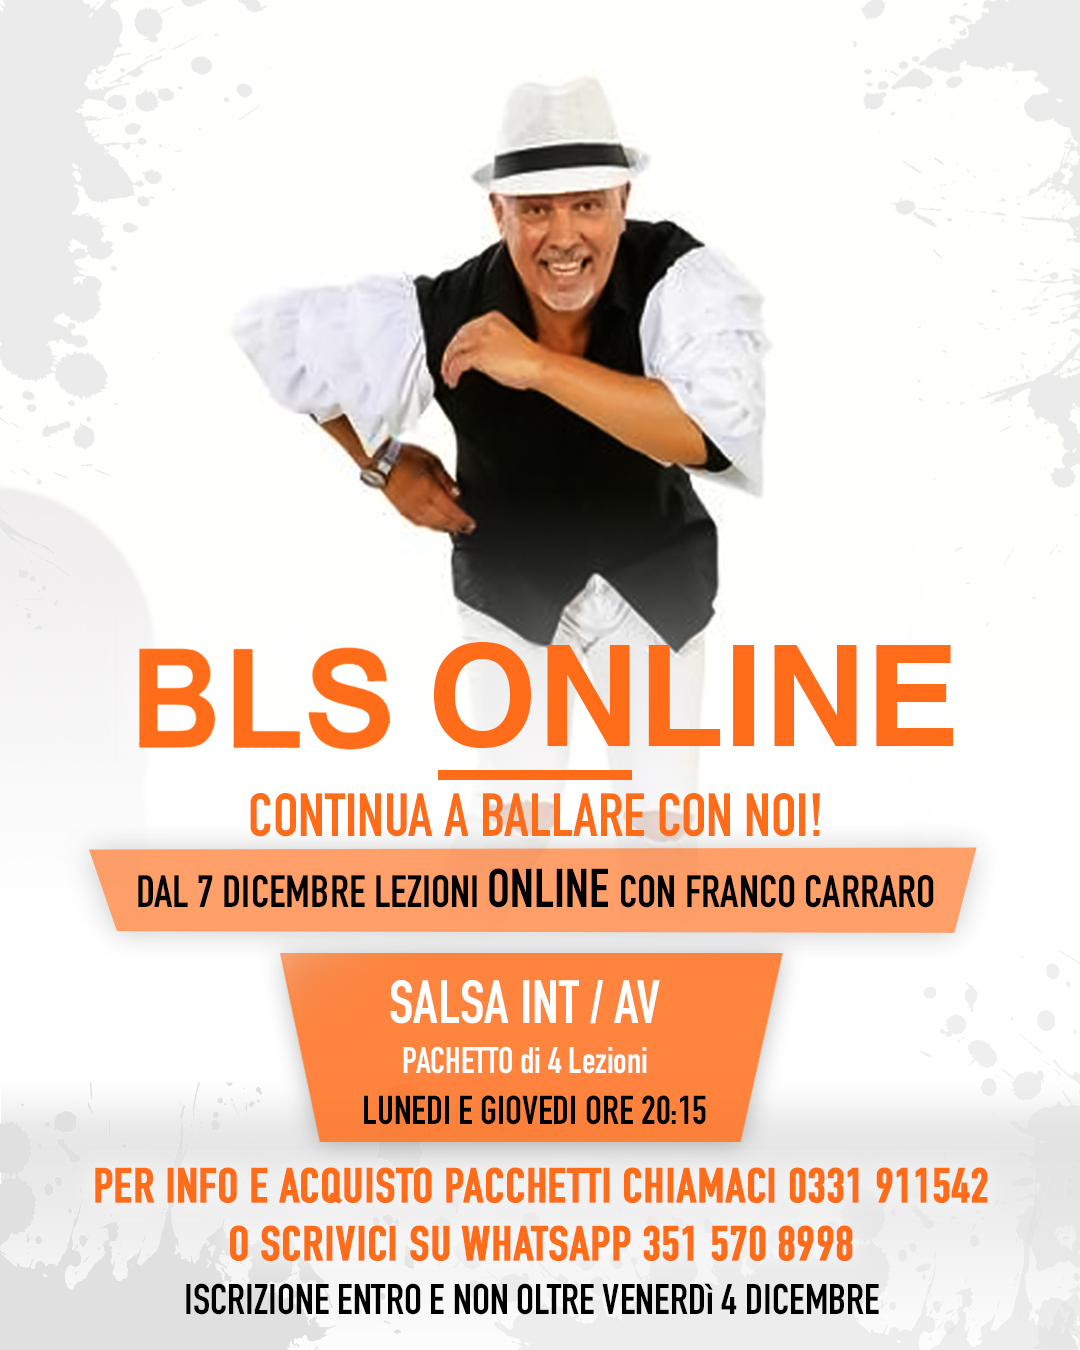 Salsa Int/Av